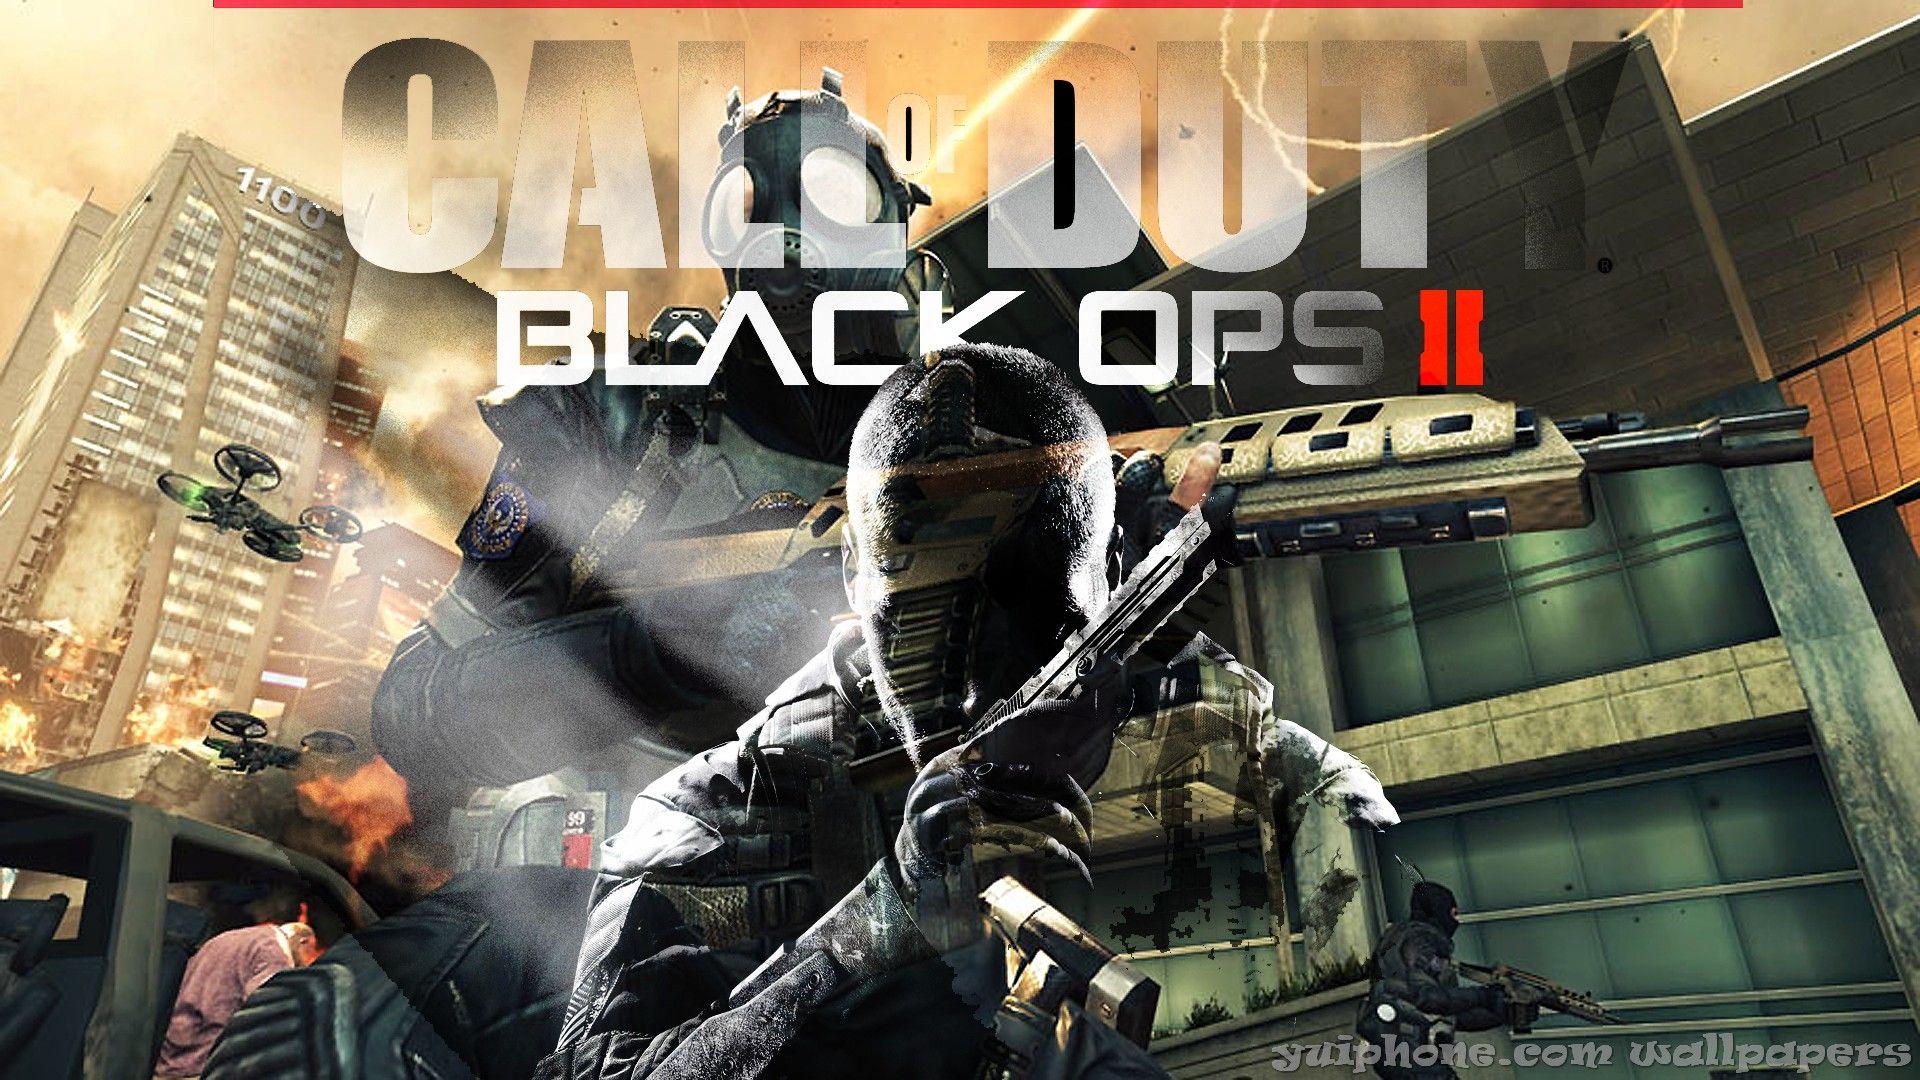 Game Black Ops 2 Wallpaper 1080p Wallpaper Call Of Duty Black Black Ops Black Ops Zombies